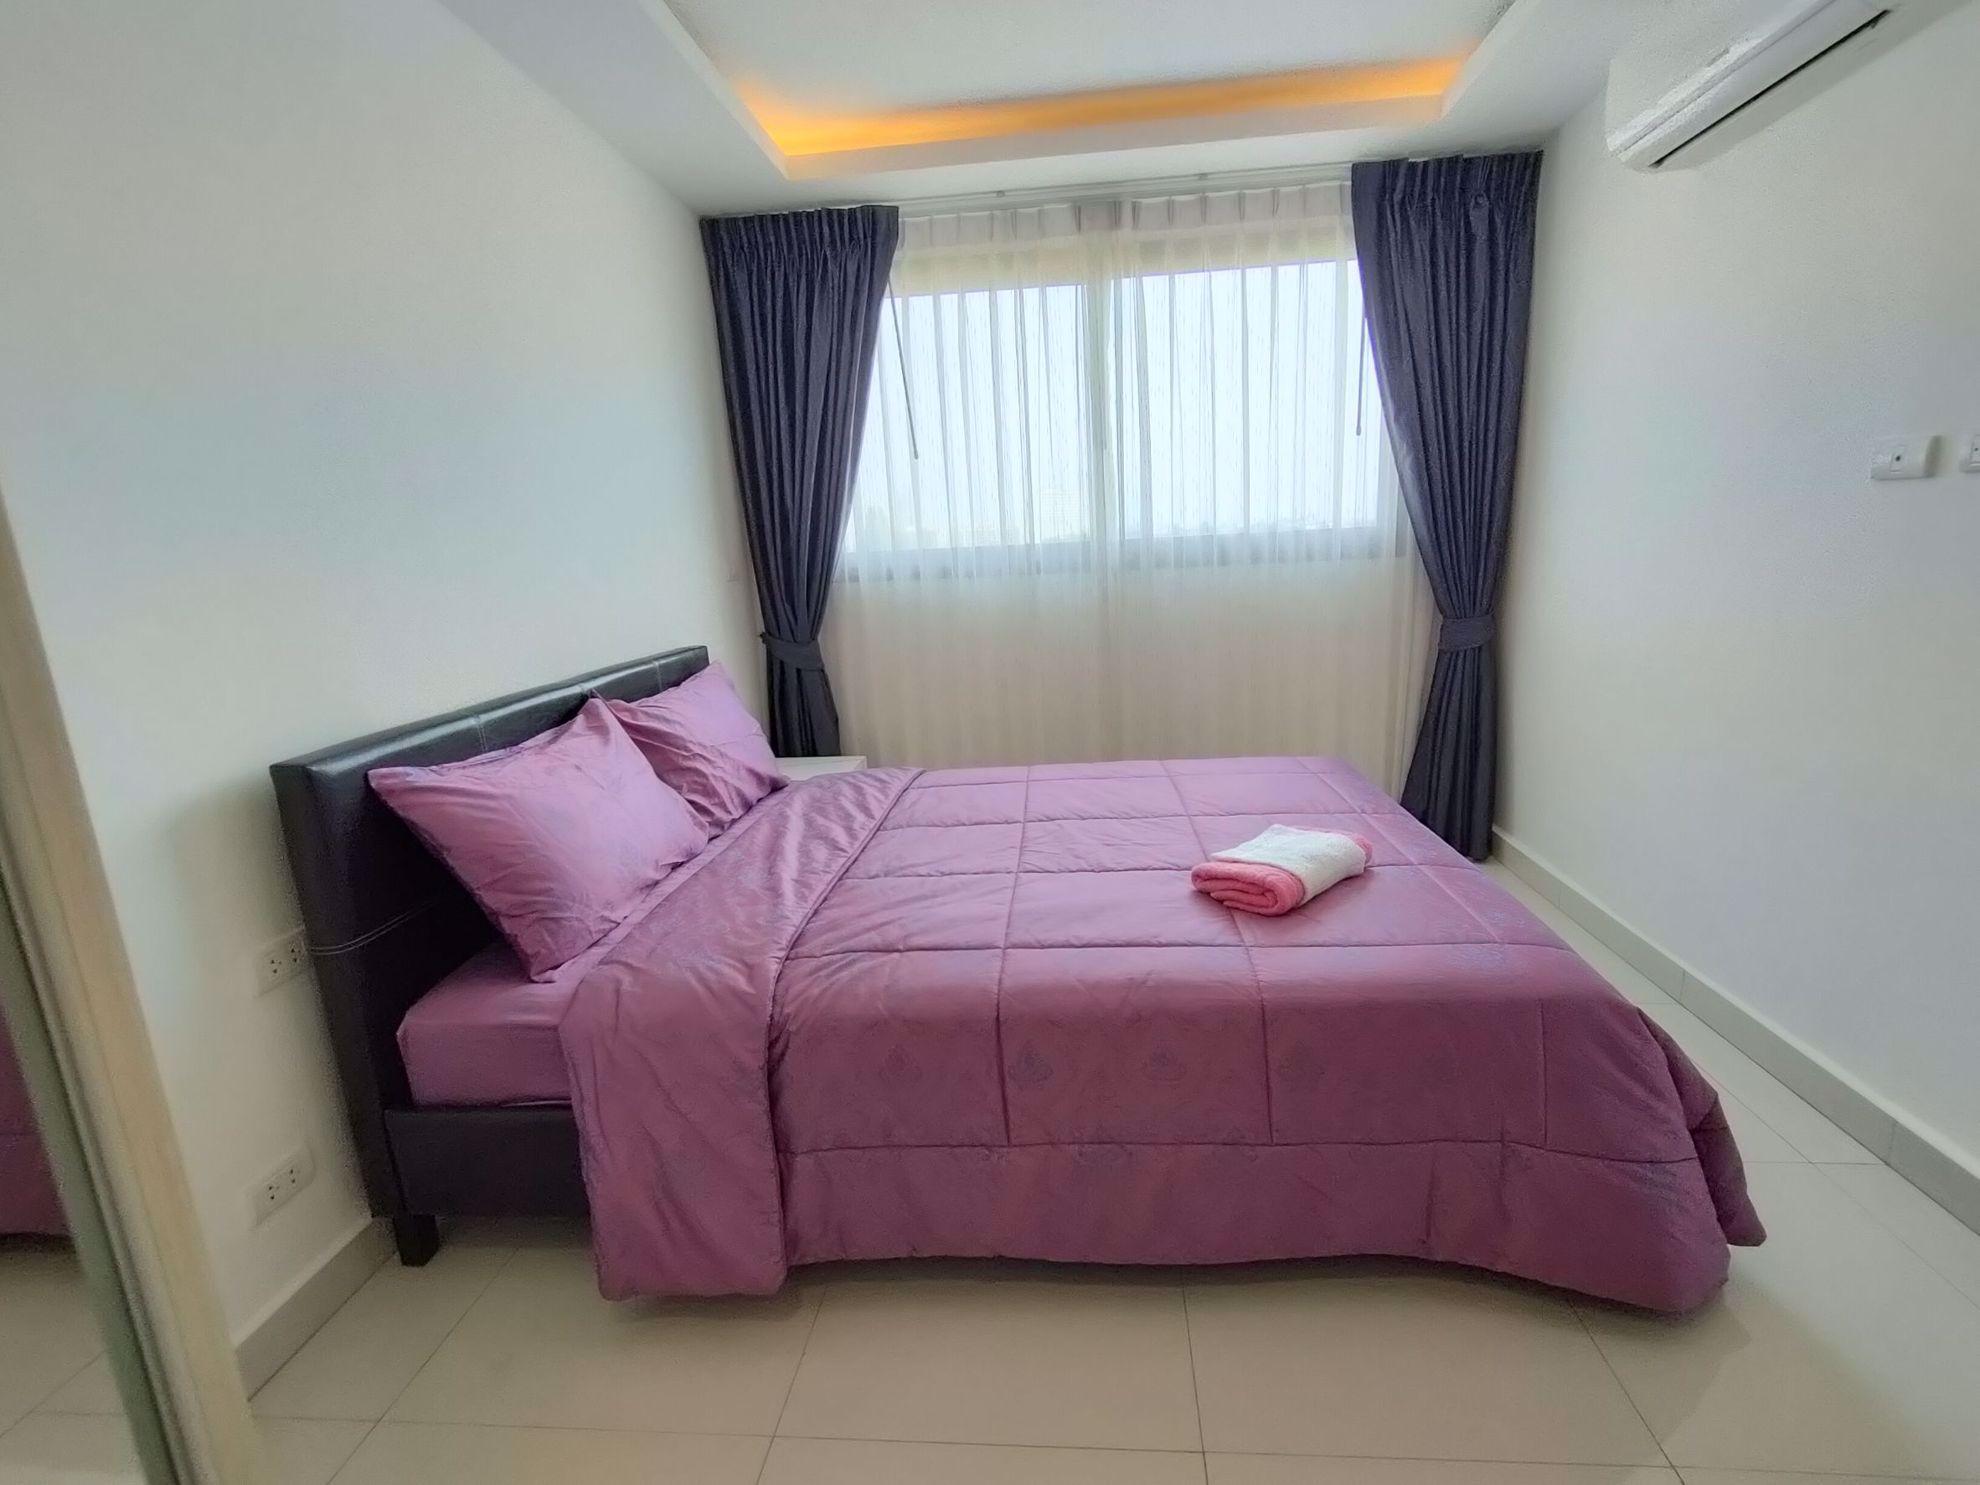 Picture of 2 bed in Condo in Laguna Beach Resort 3 The Maldives in Jomtien C000337